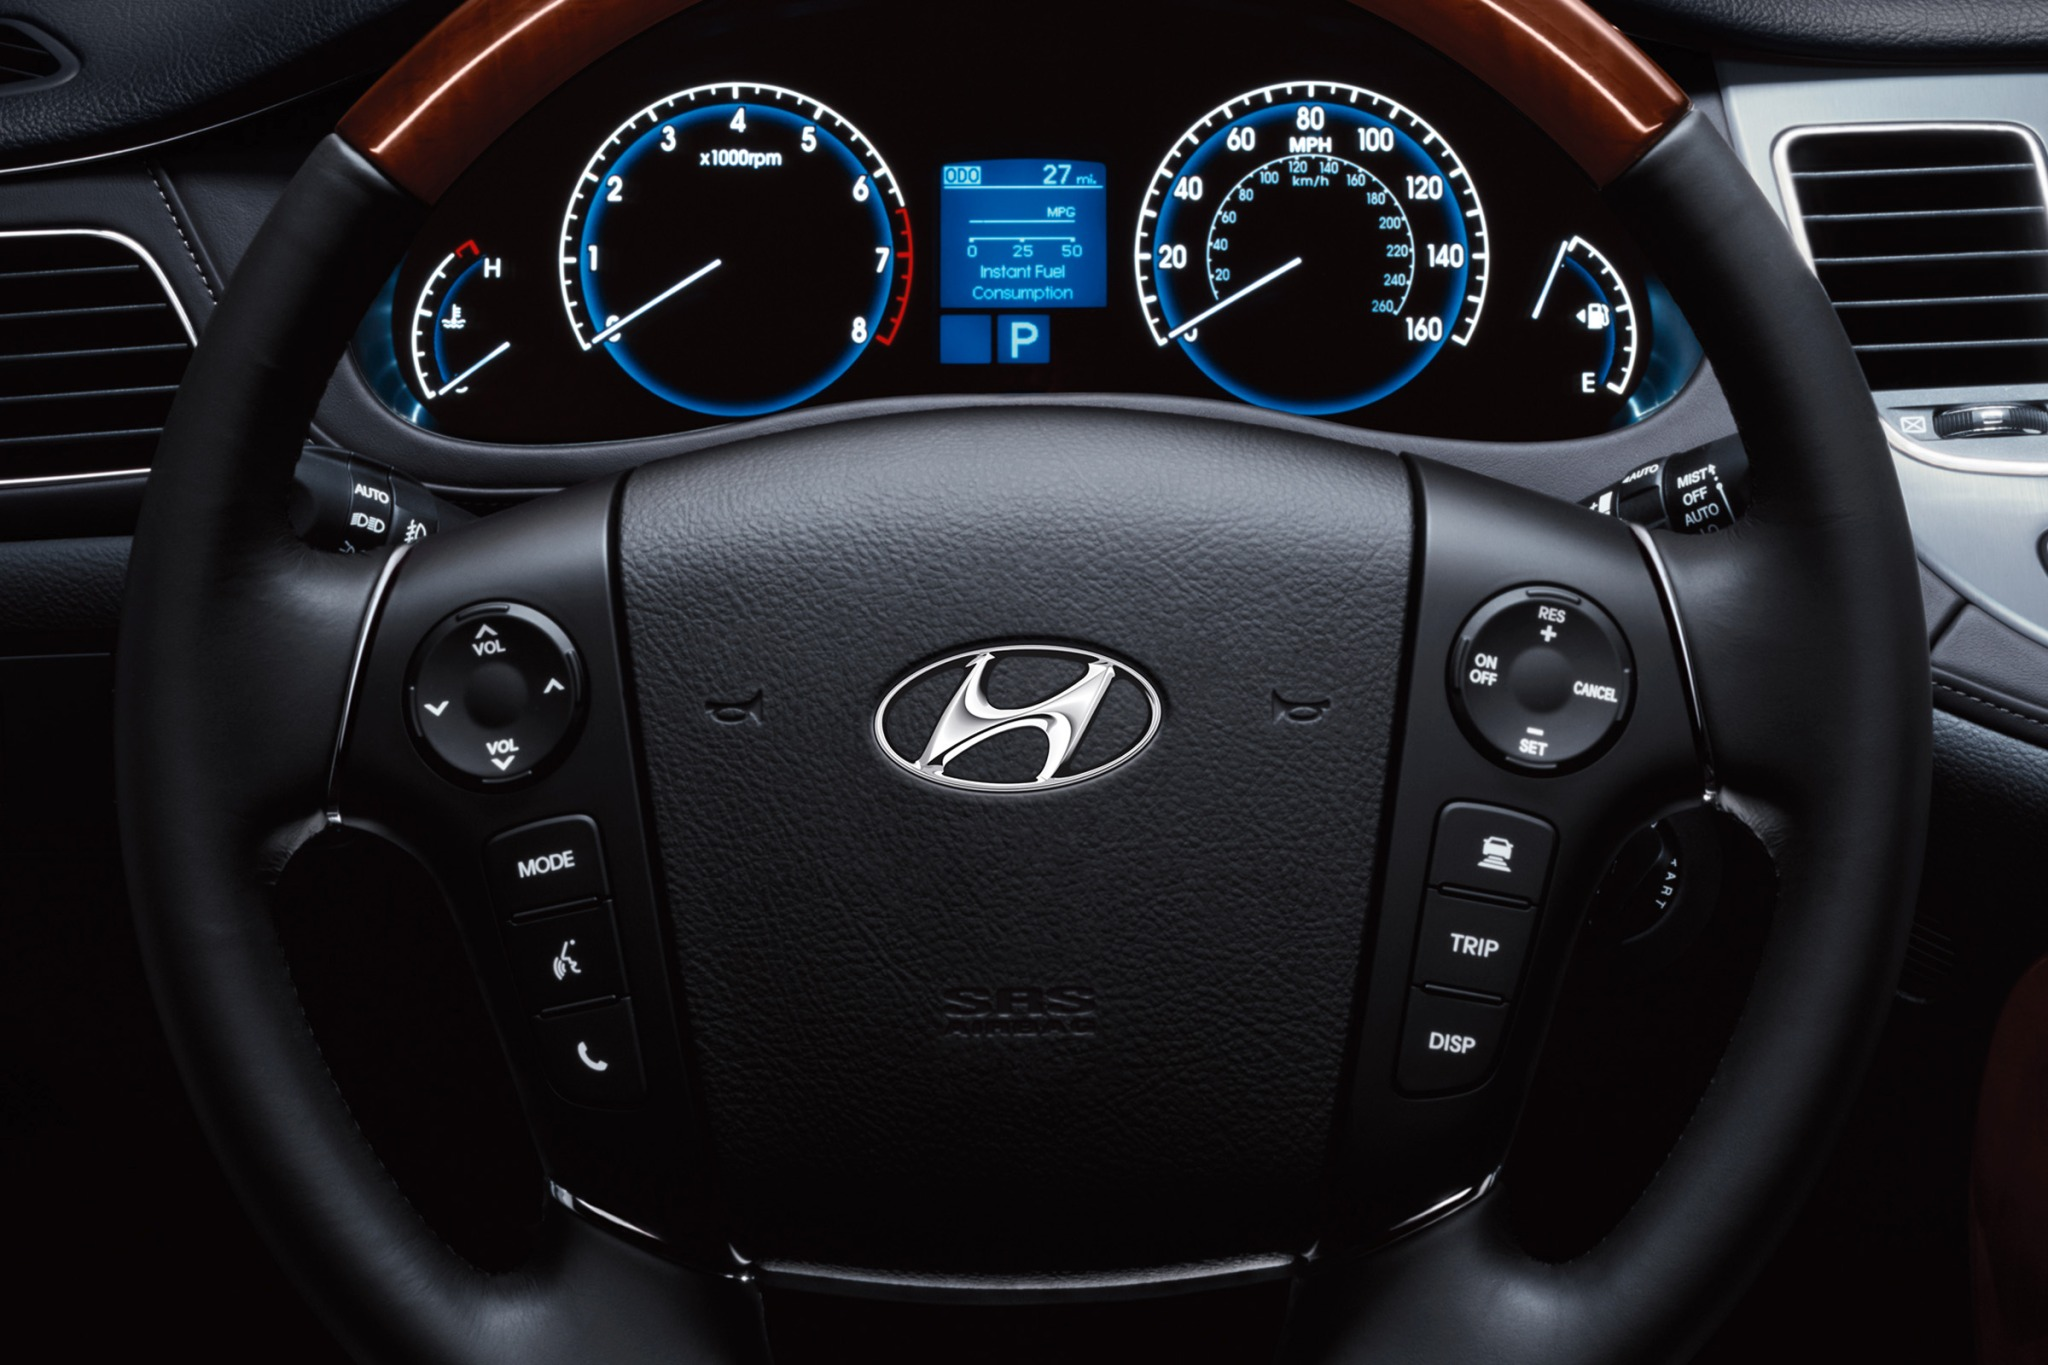 Genesis Auto Parts 2010 Hyundai Genesis Information And Photos Zombiedrive